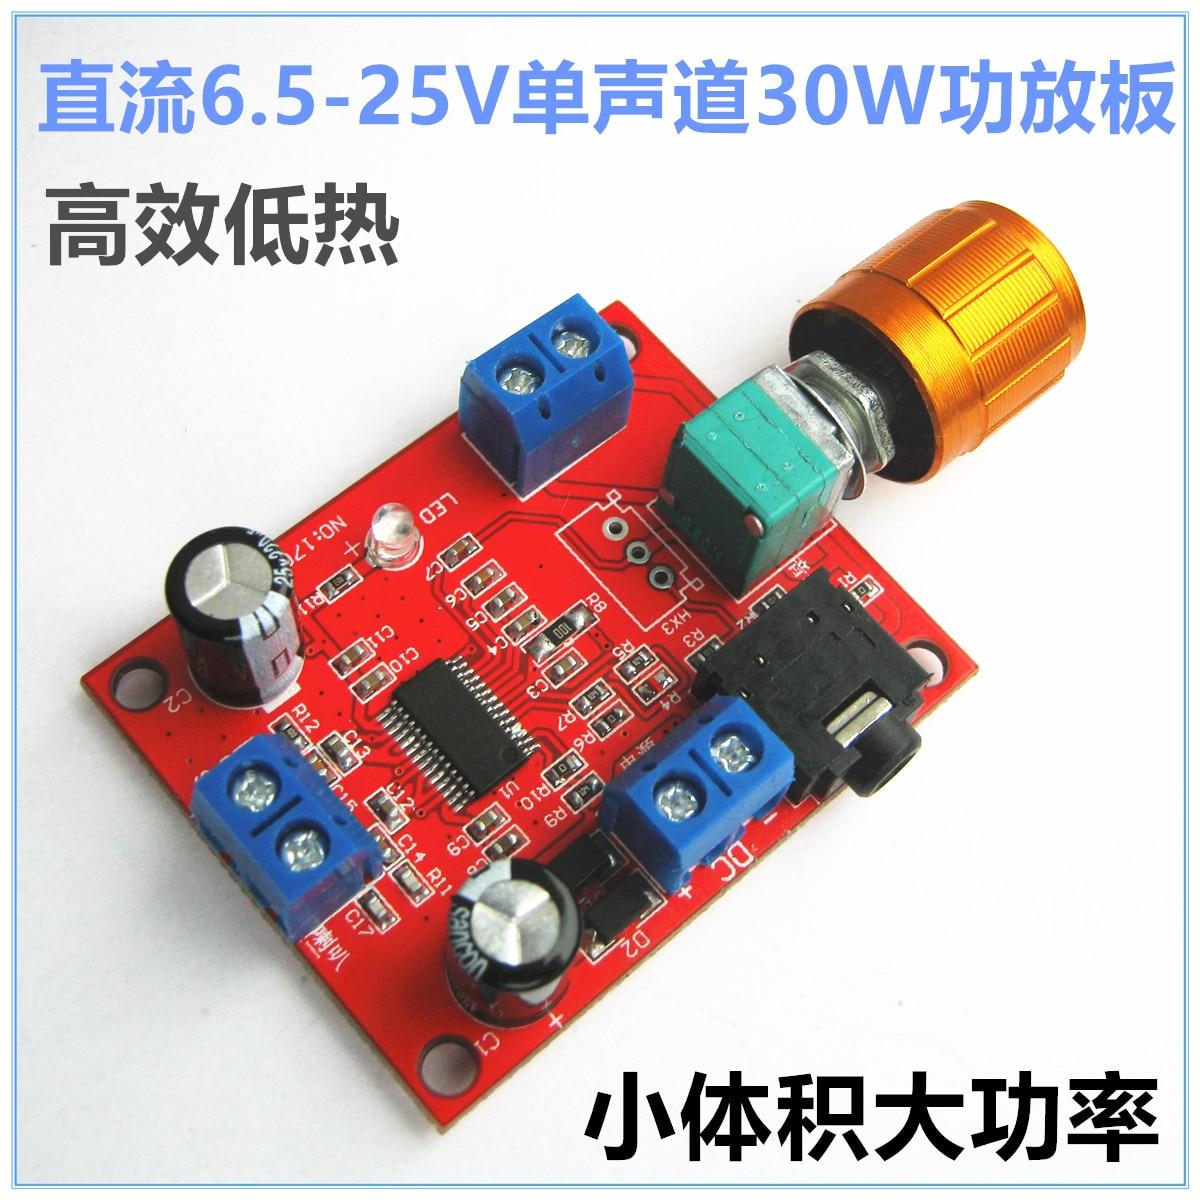 30W Single Channel Amplifier Board 30W Subwoofer Power Amplifier Board 4 1 channel lm4780 amplifier finished board ac 24v 28v 4x68w 130w subwoofer